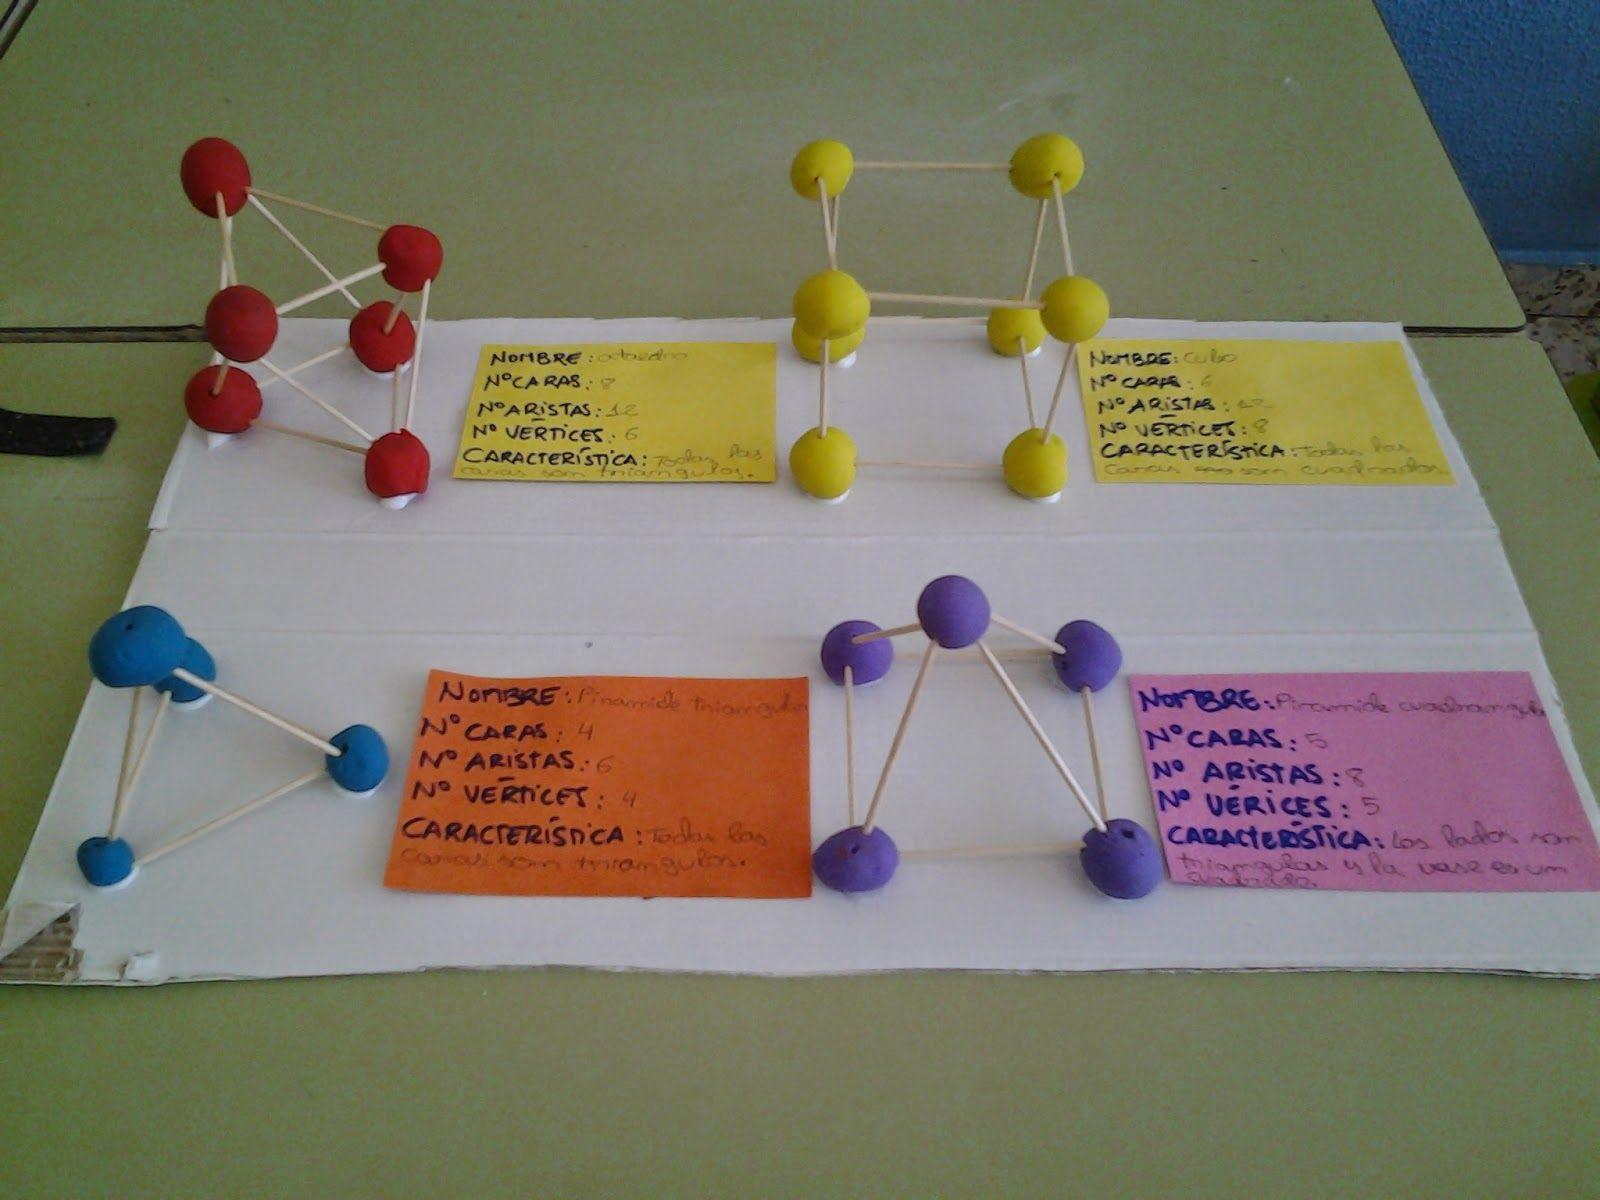 Fabricamos Cuerpos Geométricos En 3d Actividades De Geometría Matematicas Proyectos De Matemáticas